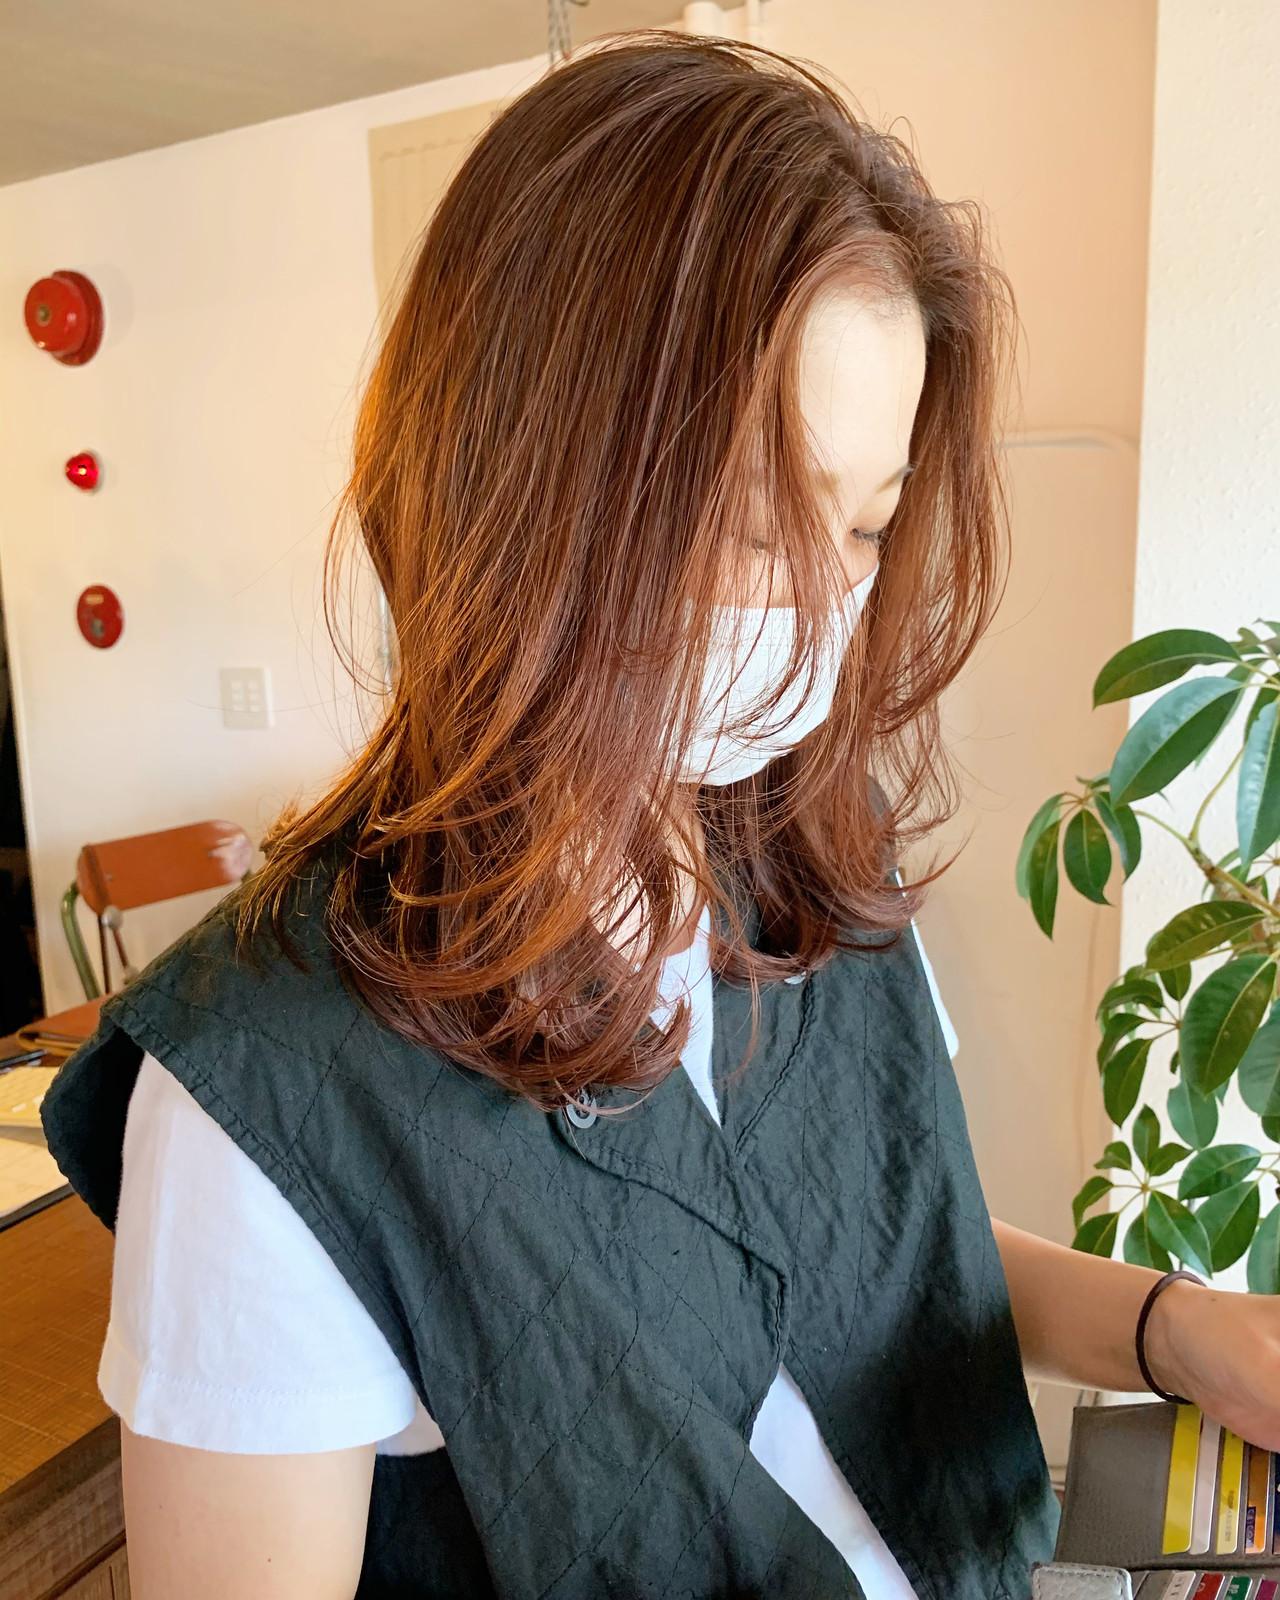 レイヤーカット オレンジベージュ ナチュラル セミロング ヘアスタイルや髪型の写真・画像